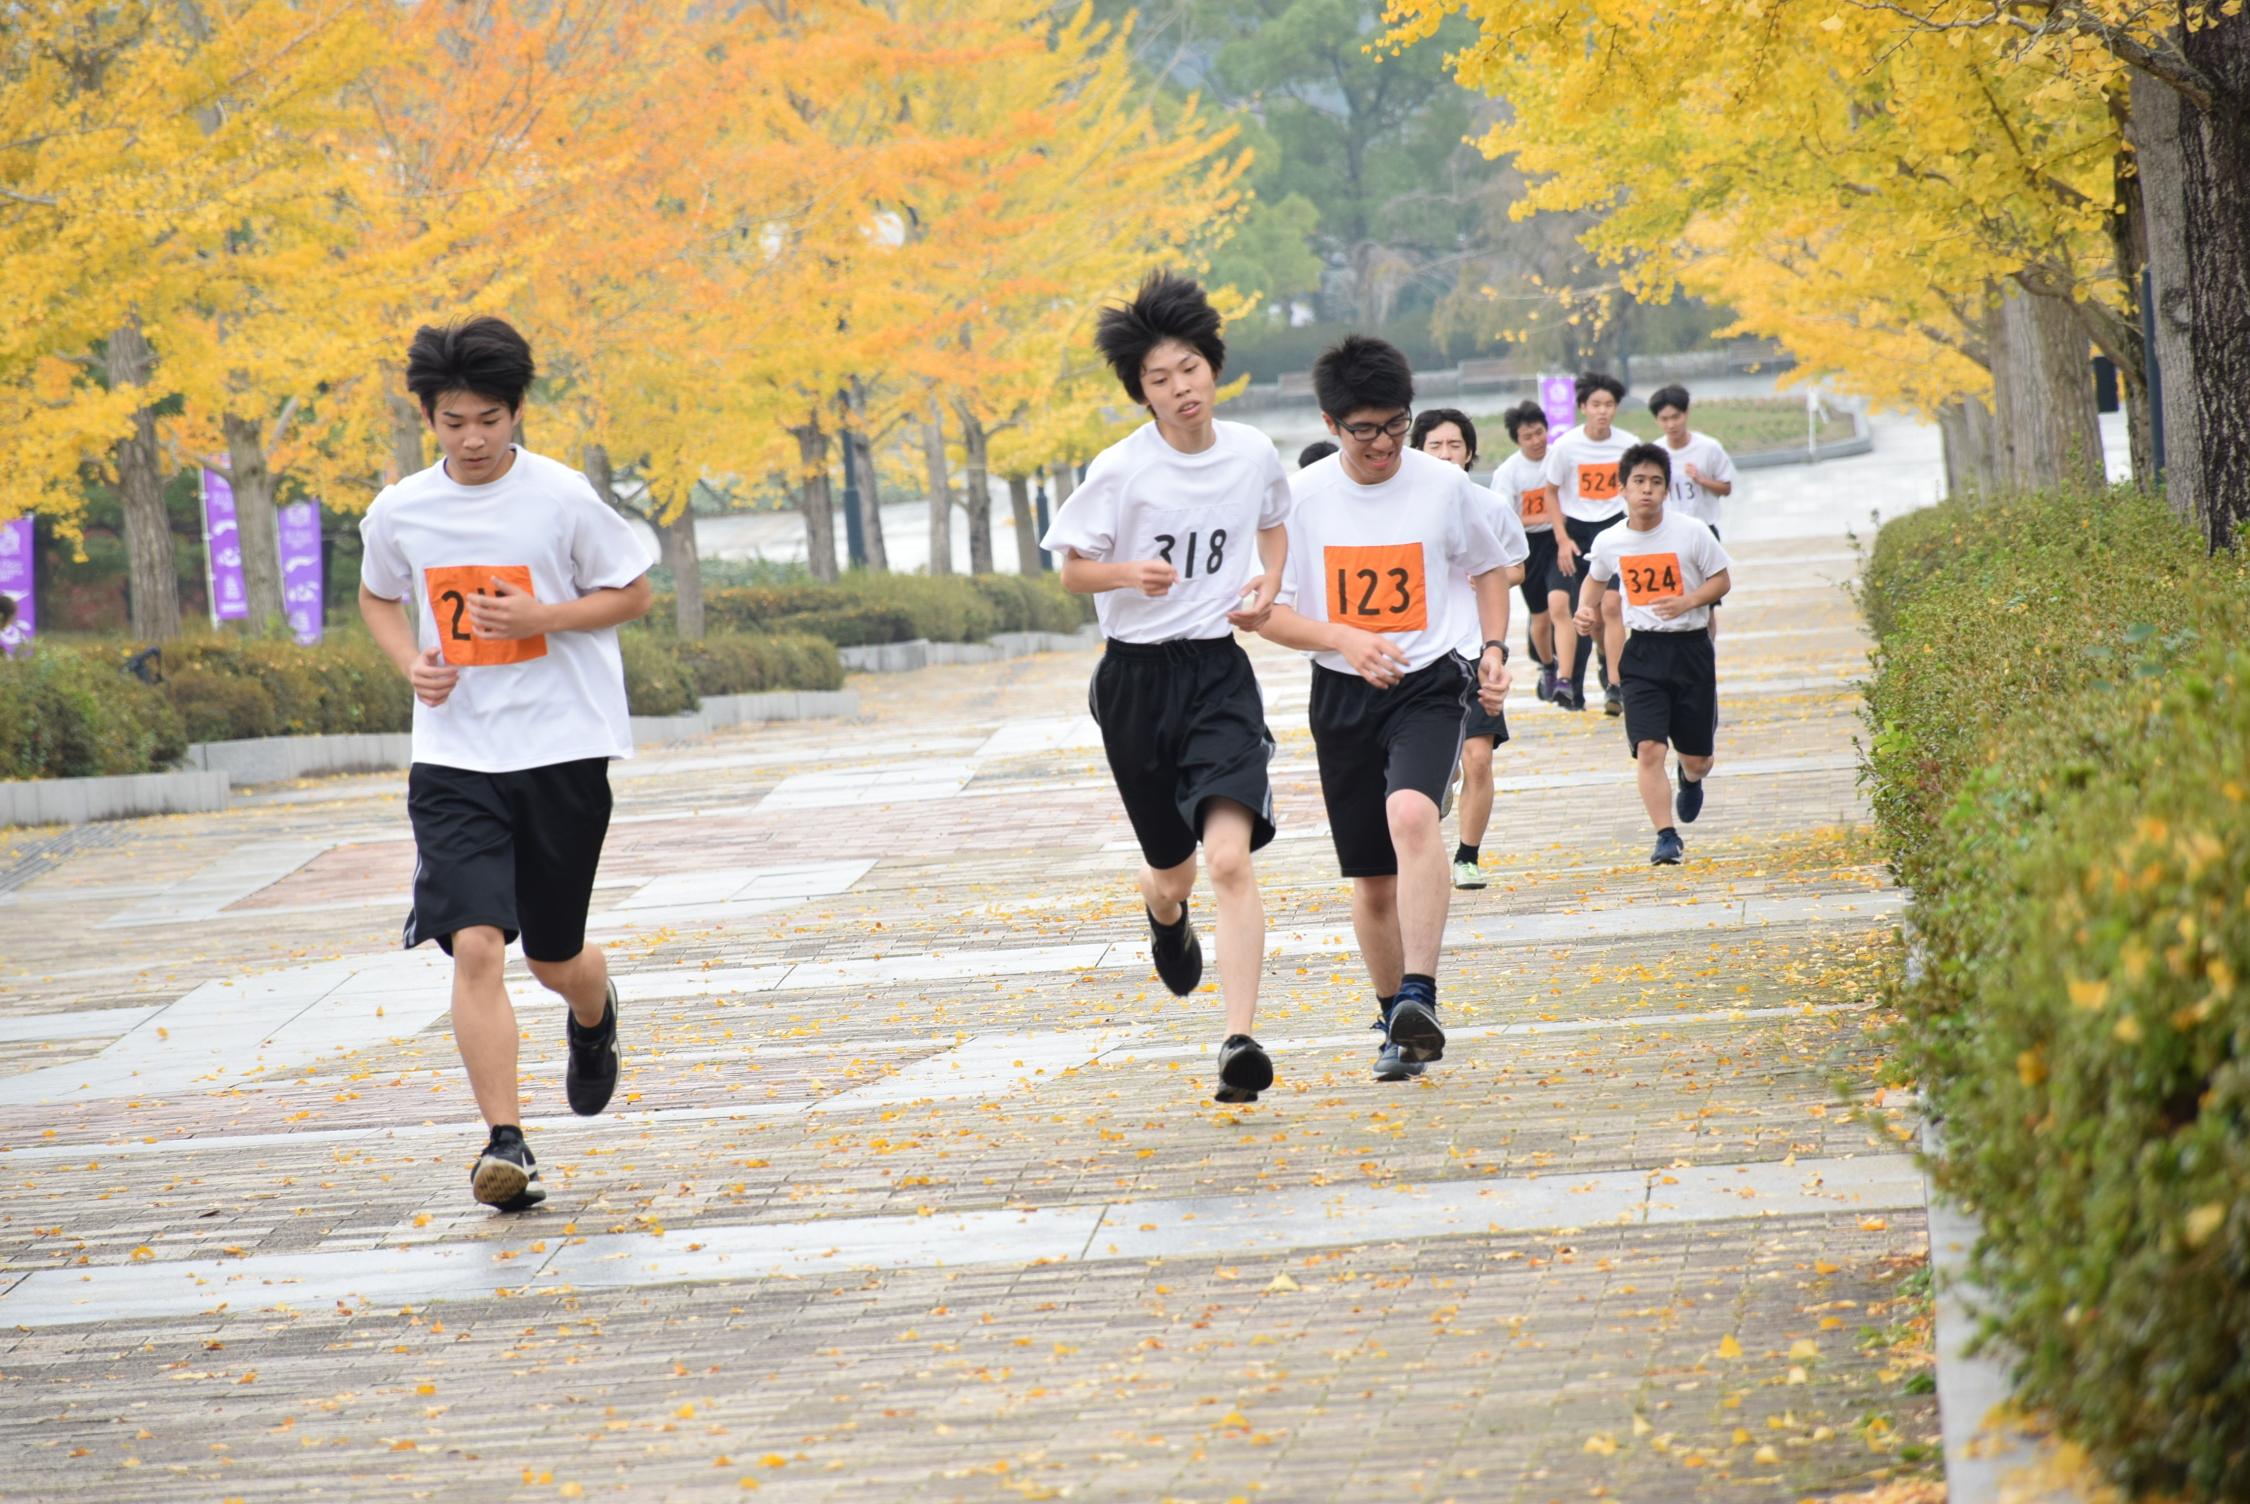 マラソン大会が開催されました!